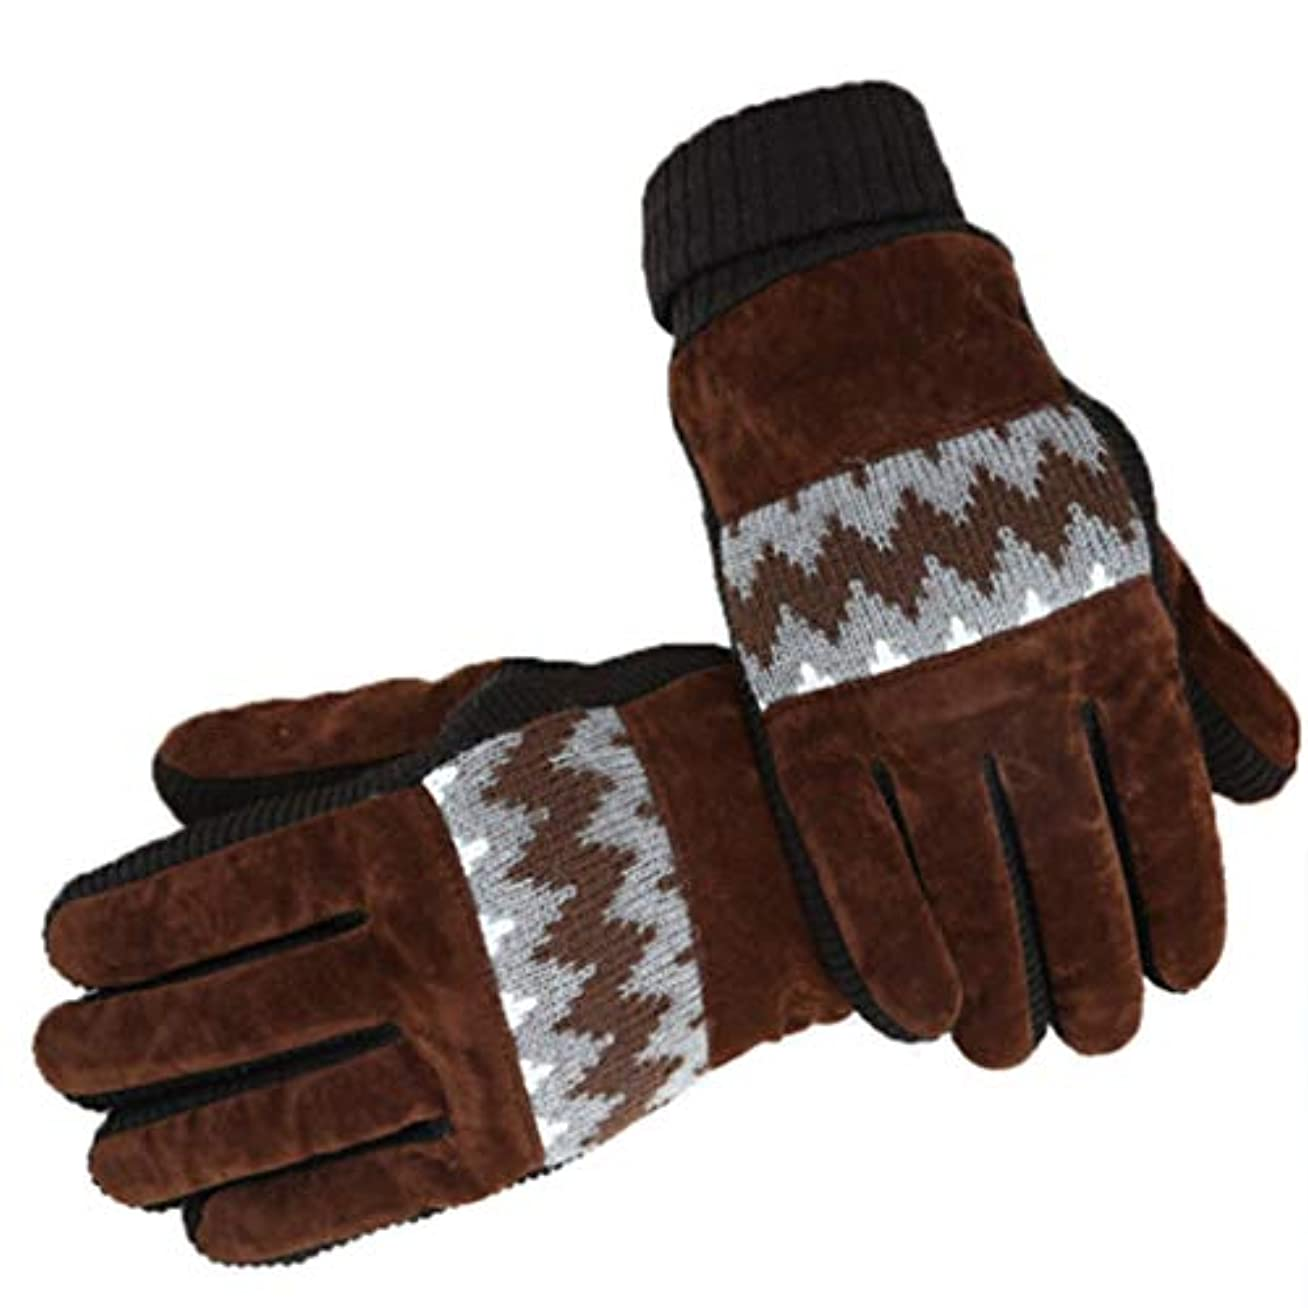 タイムリーな鳥構成手袋の男性の冬プラスベルベット寒い暖かいサイクリング秋と冬の防風タッチスクリーンの綿手袋の水リップル黒 (色 : Brown)